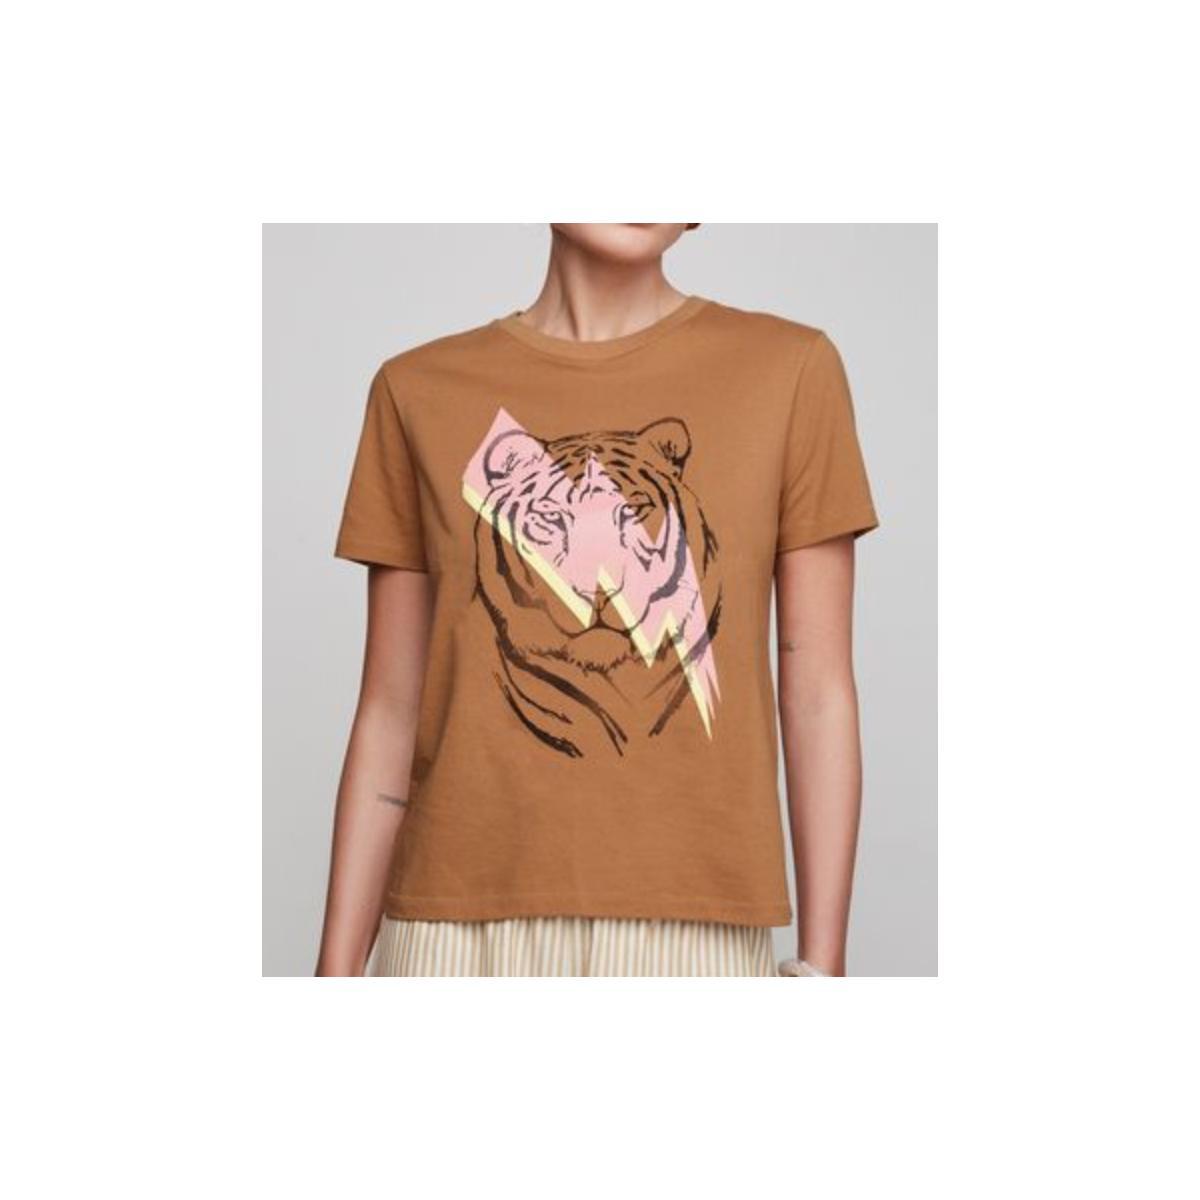 Camiseta Feminina Dzarm 6rzw Hmaen Camel